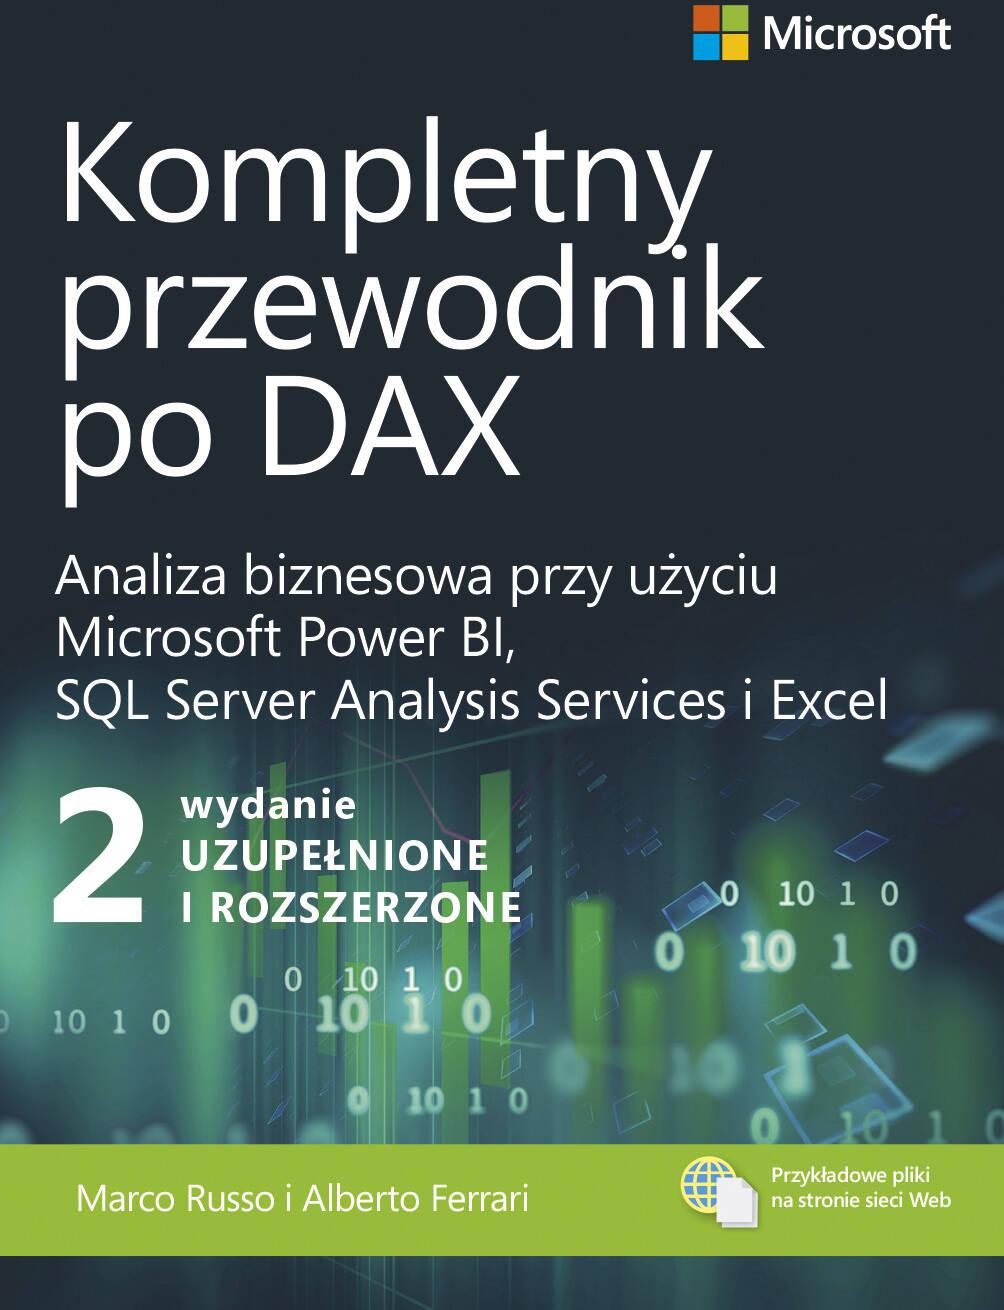 Kompletny przewodnik po DAX. Analiza biznesowa przy u?yciu Microsoft Power BI, SQL Server Analysis Services i Excel